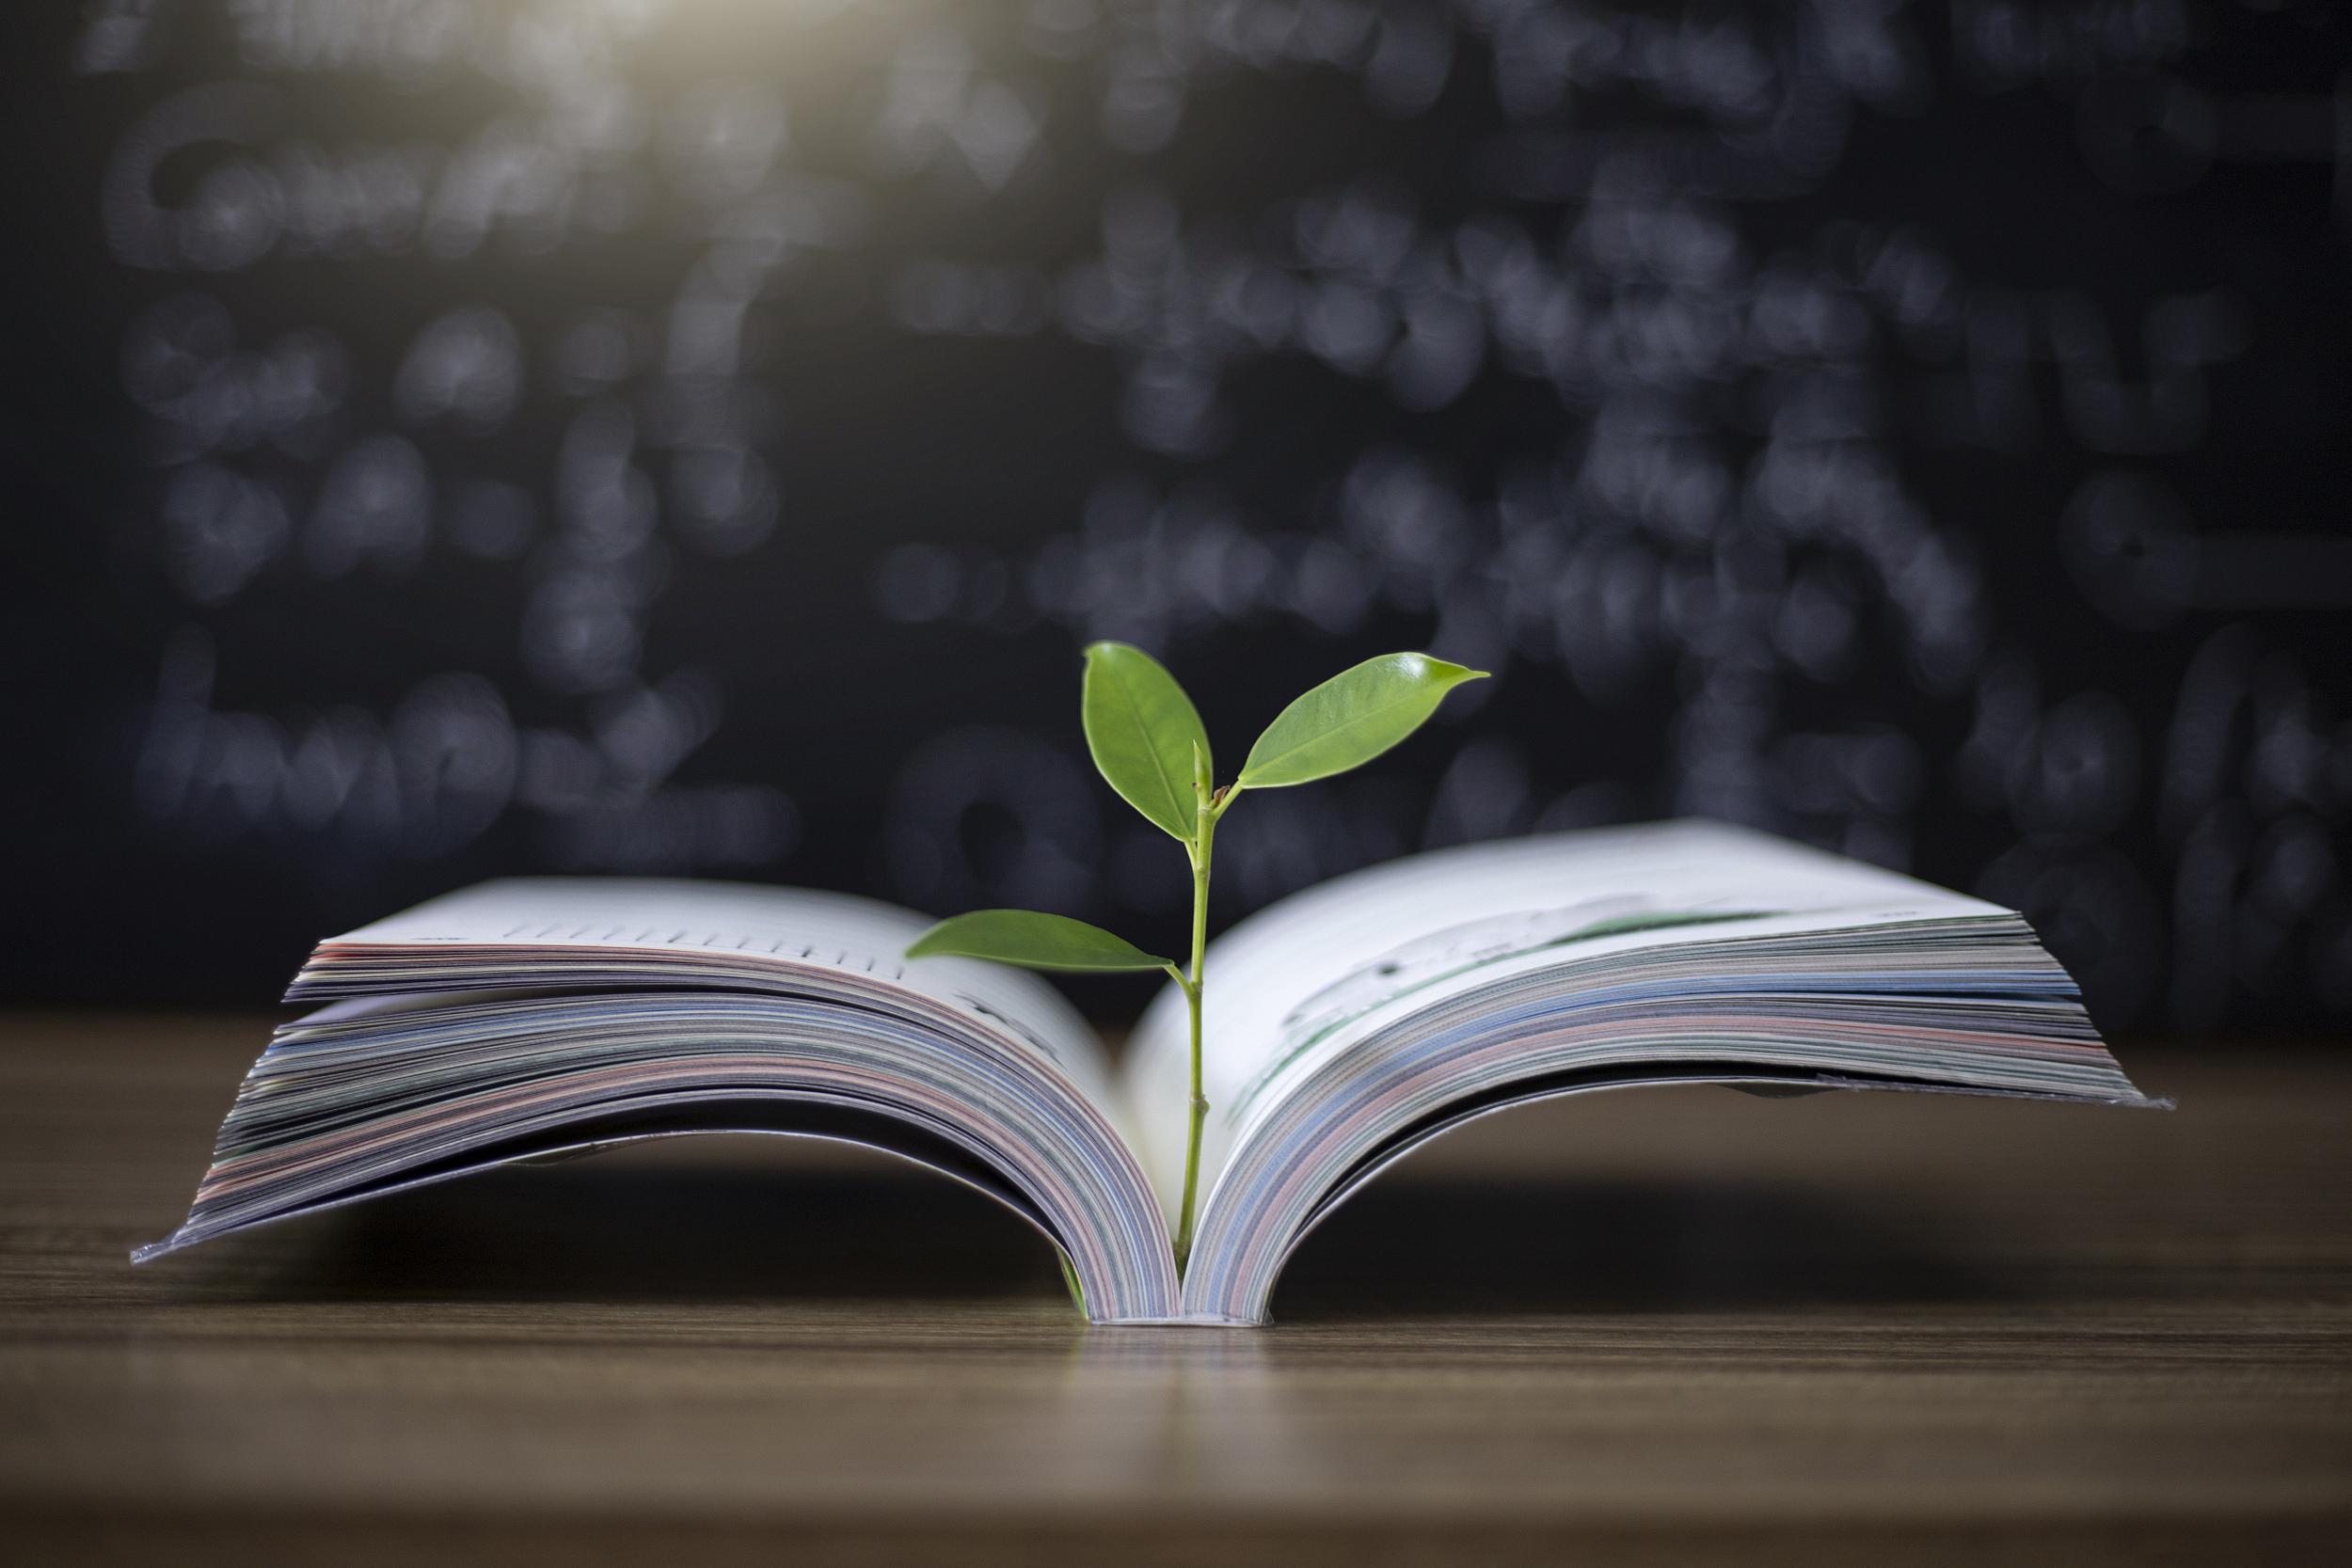 教师法修订拟提高教师门槛,清北生进中小学不失为有益尝试